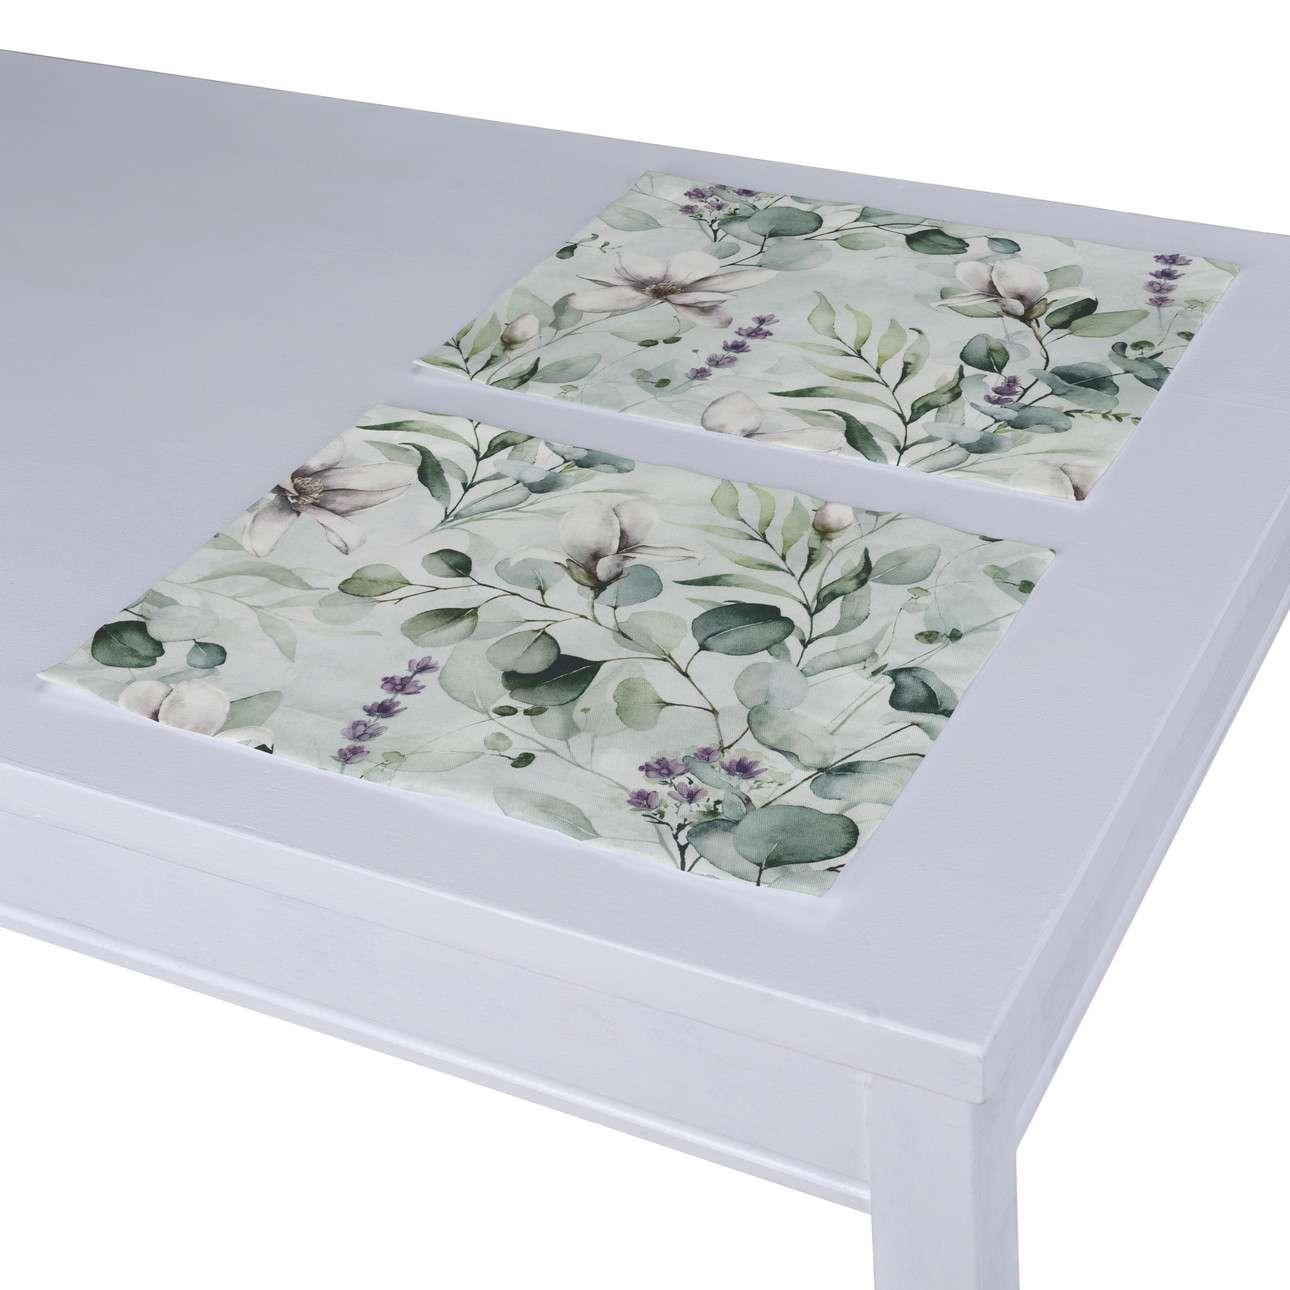 Podkładka 2 sztuki w kolekcji Flowers, tkanina: 143-66